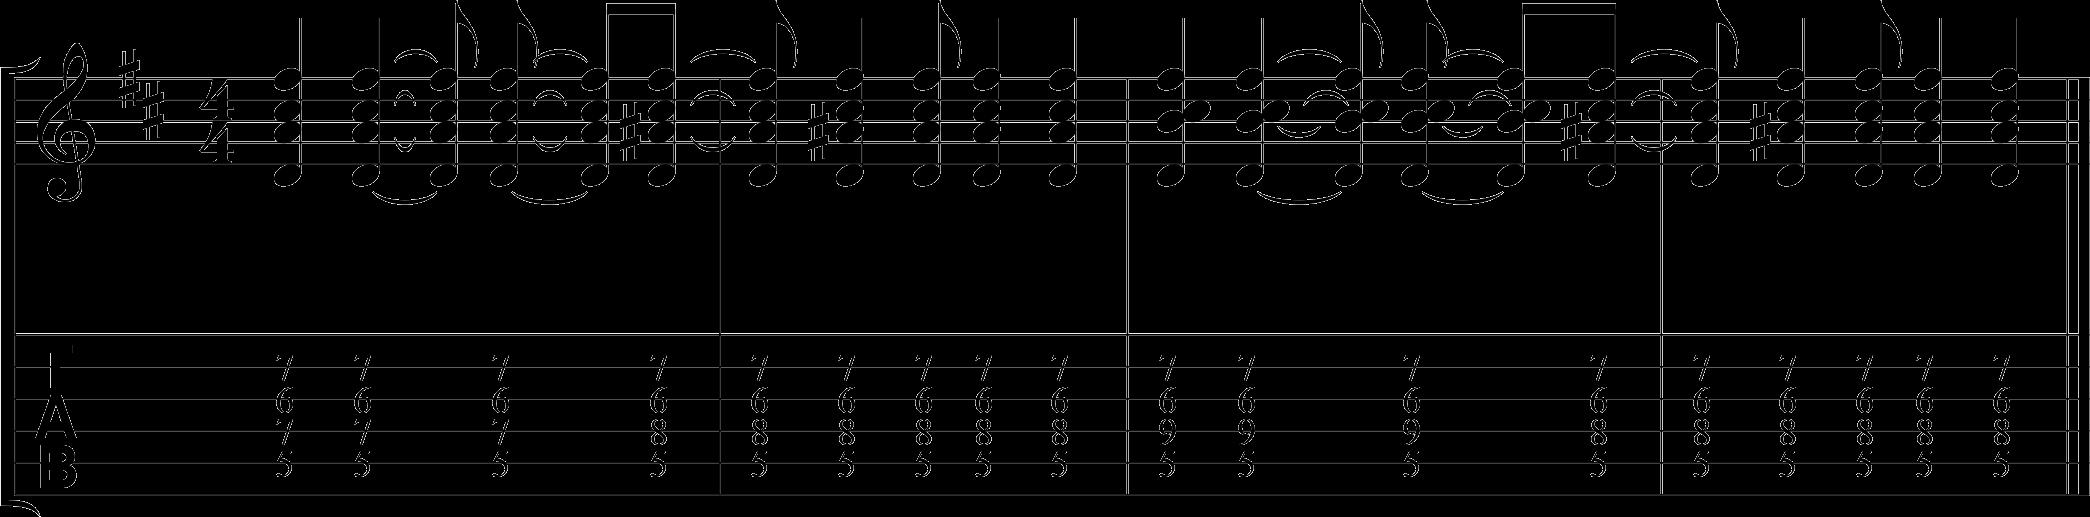 Guitar fingerpicking lesson all-together.